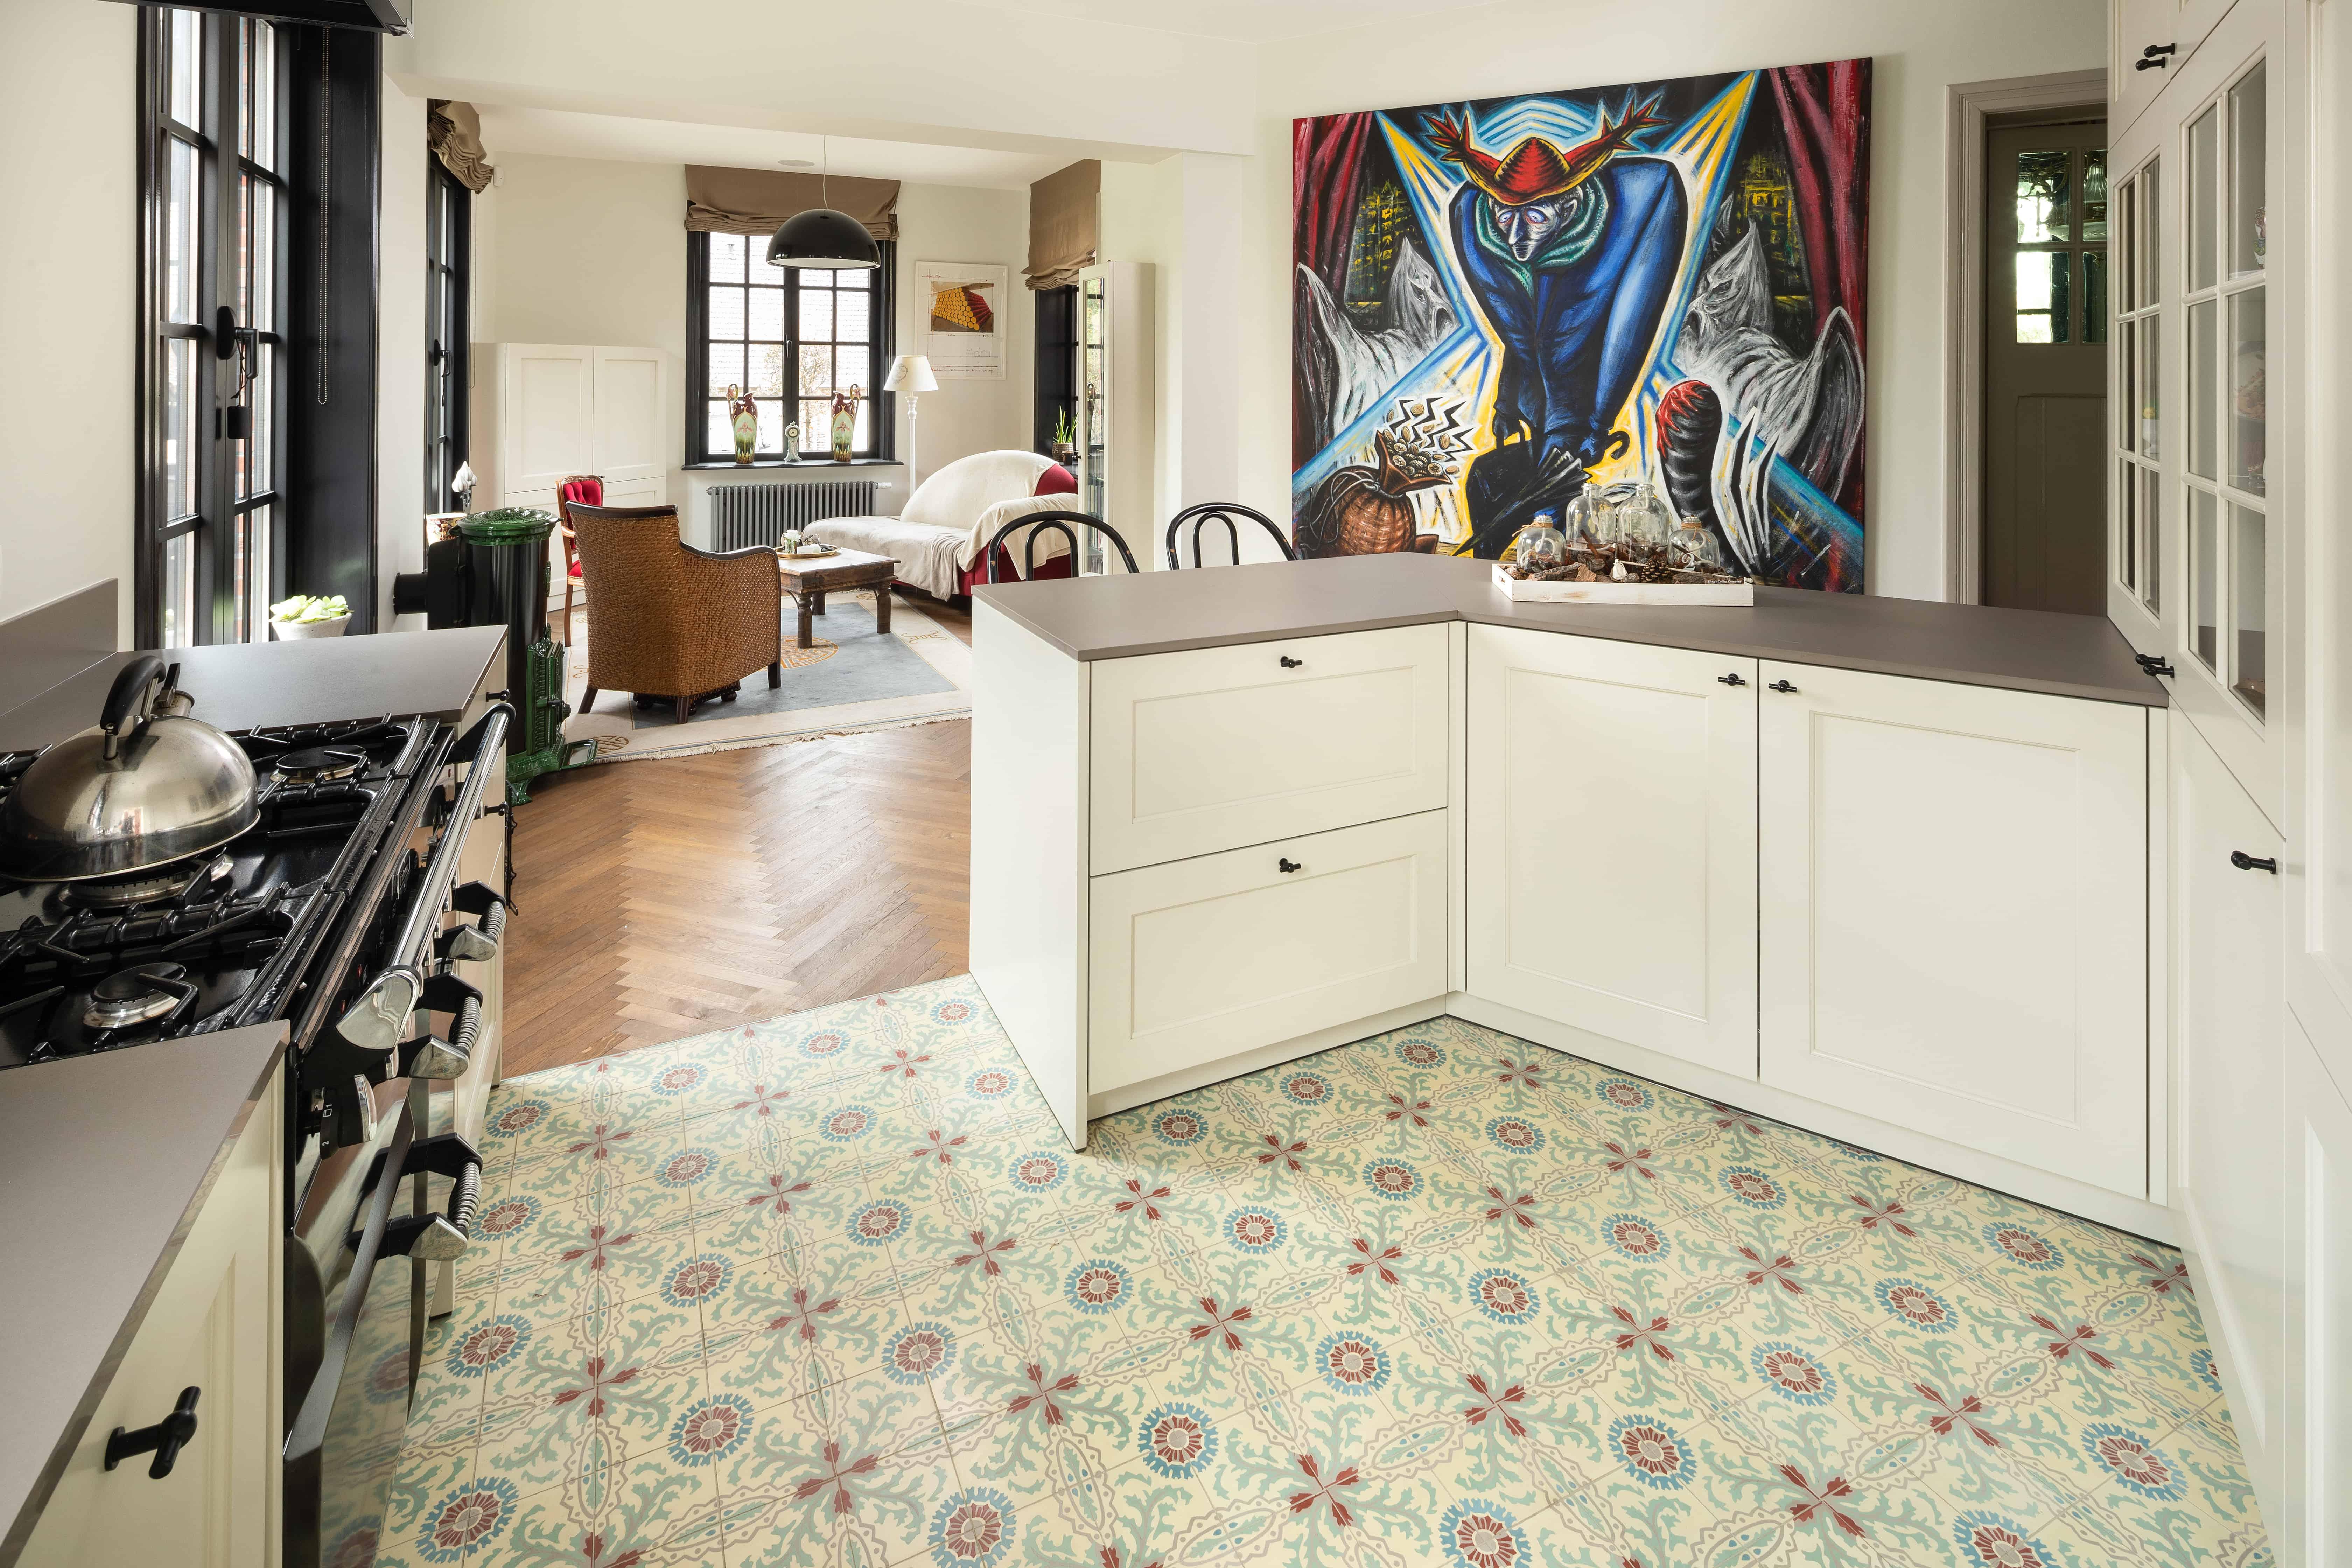 Open keuken met kleine tegels - rustiek, authentiek, speciale print, warm gevoel